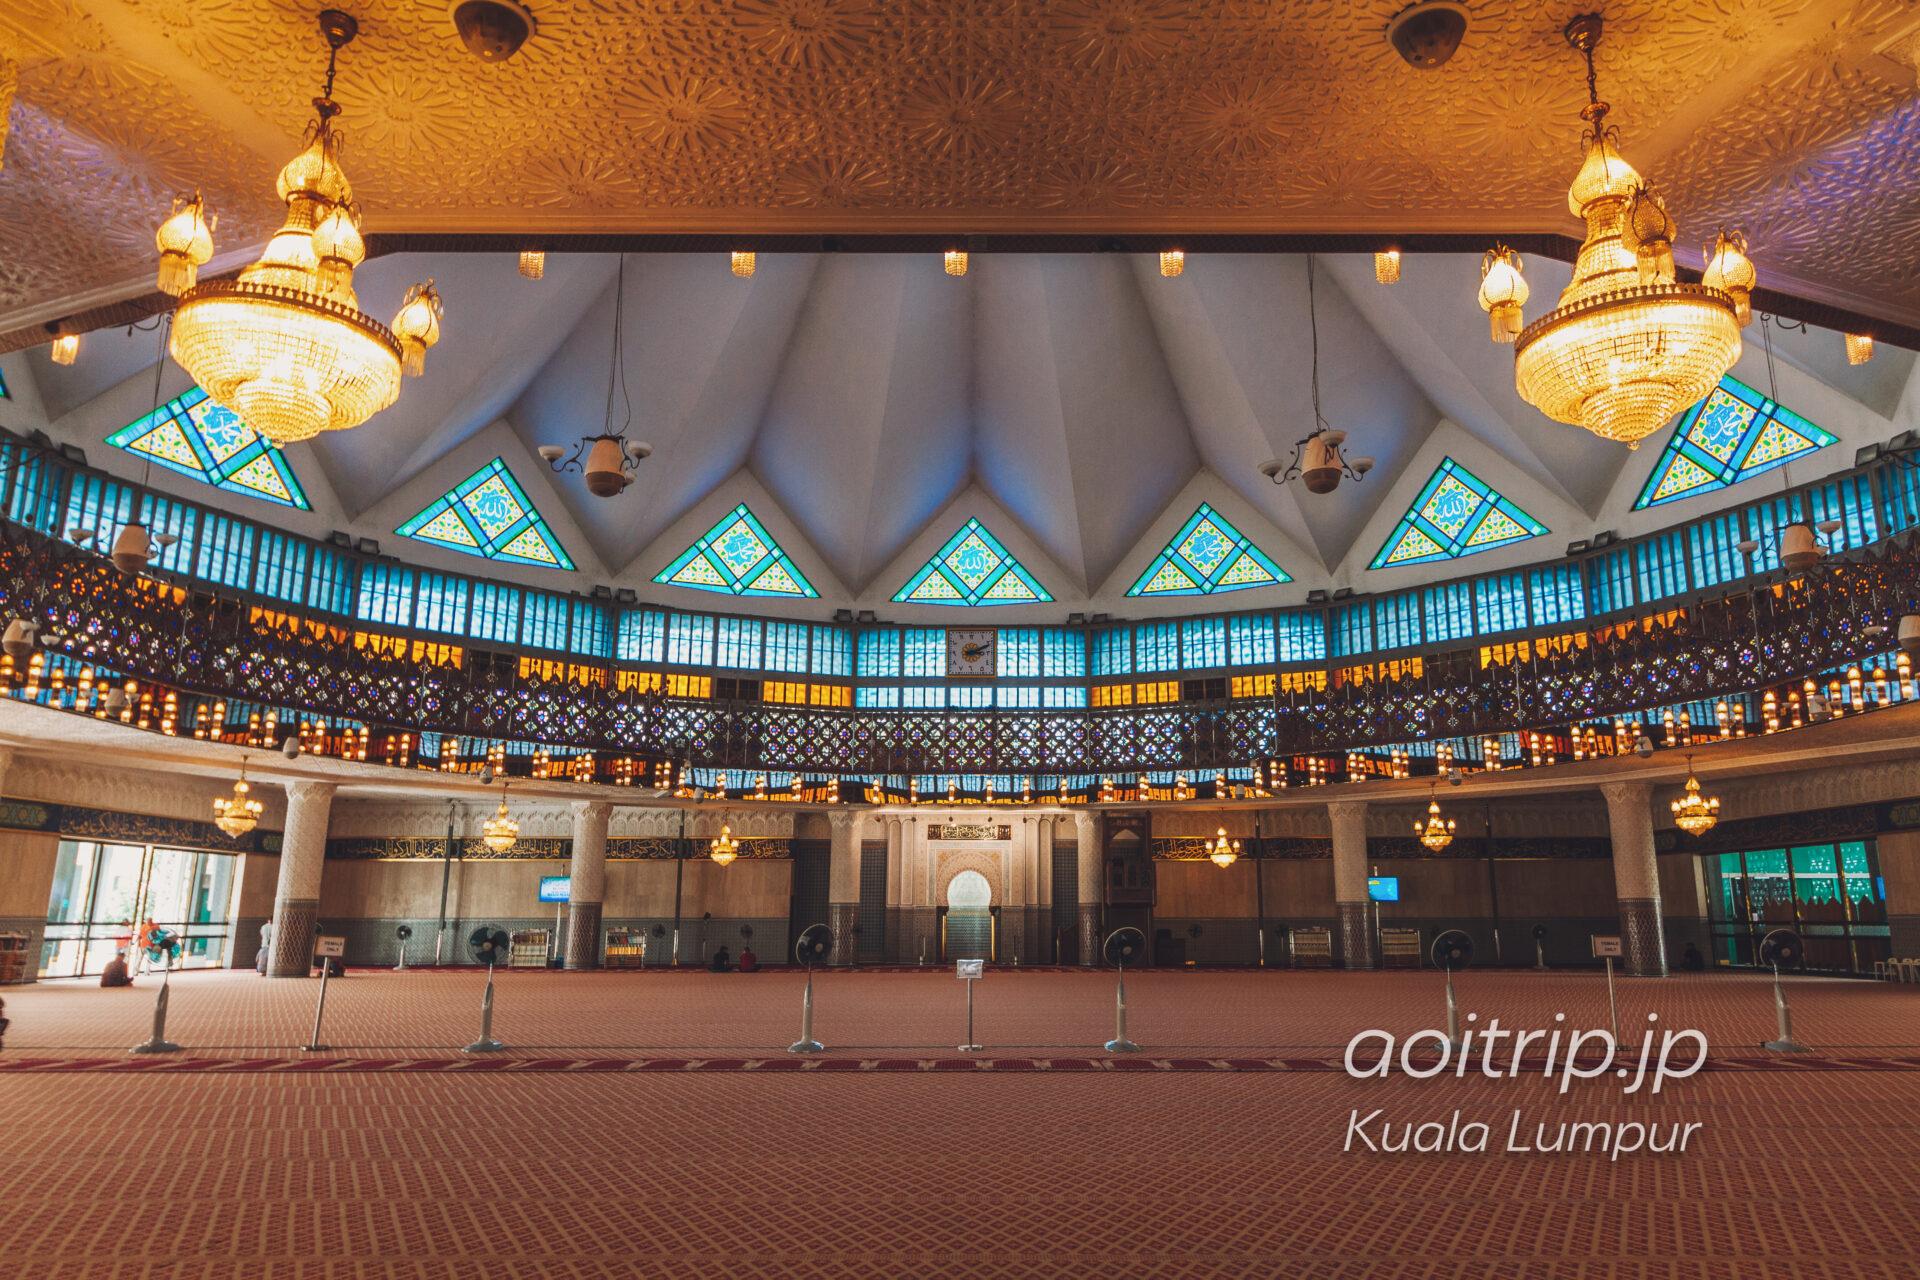 マレーシア国立モスク 礼拝堂